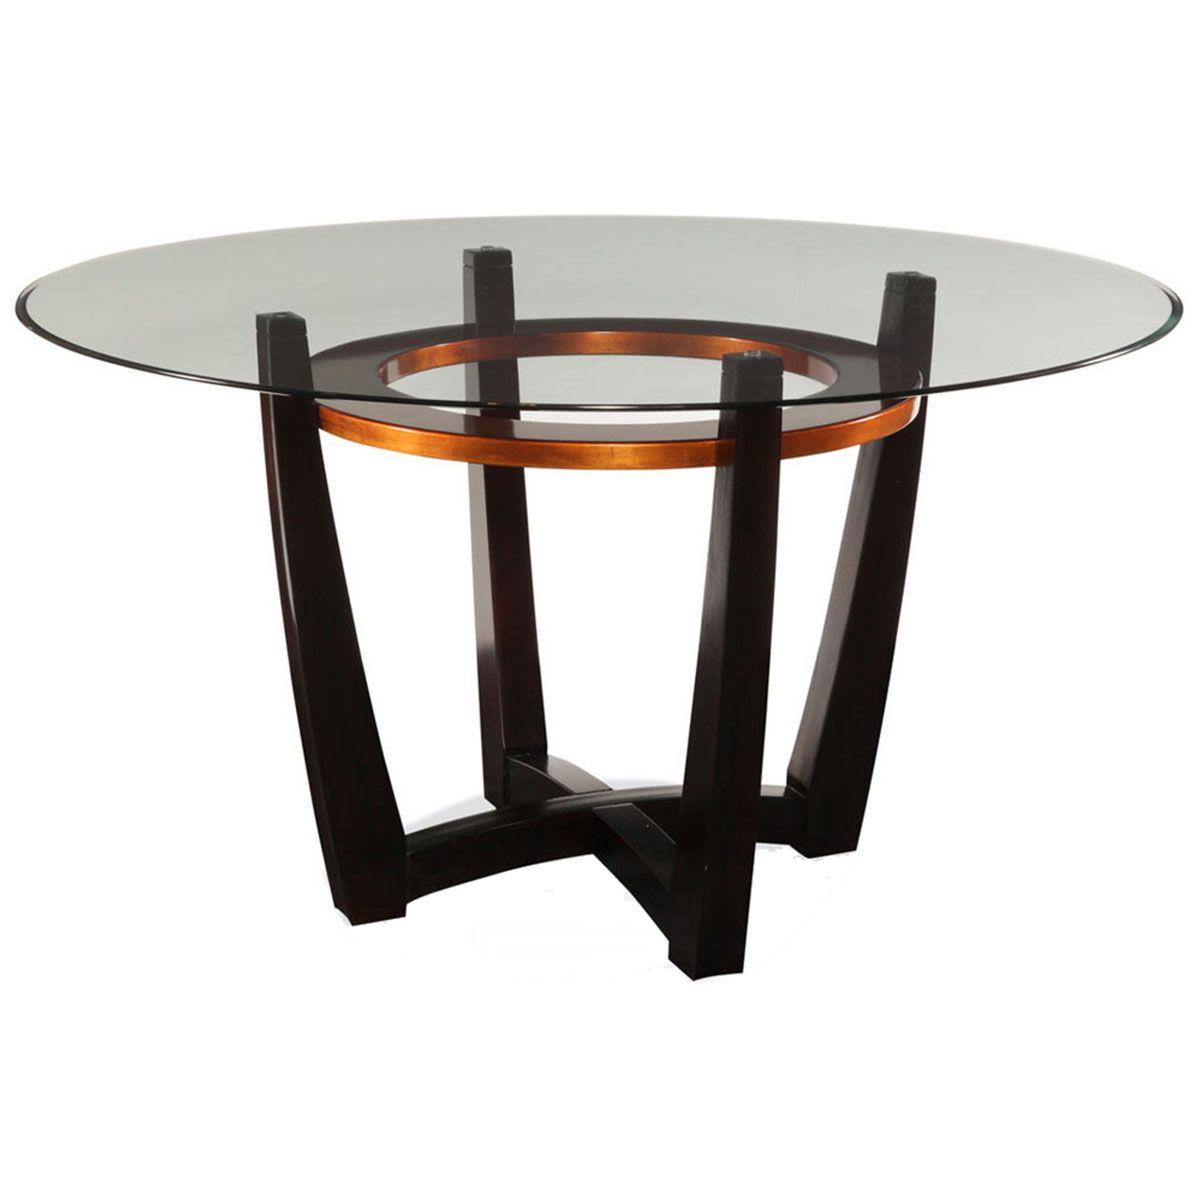 bassett mirror dining table. Bassett Mirror Elation Dining Table D1078-700-095EC B